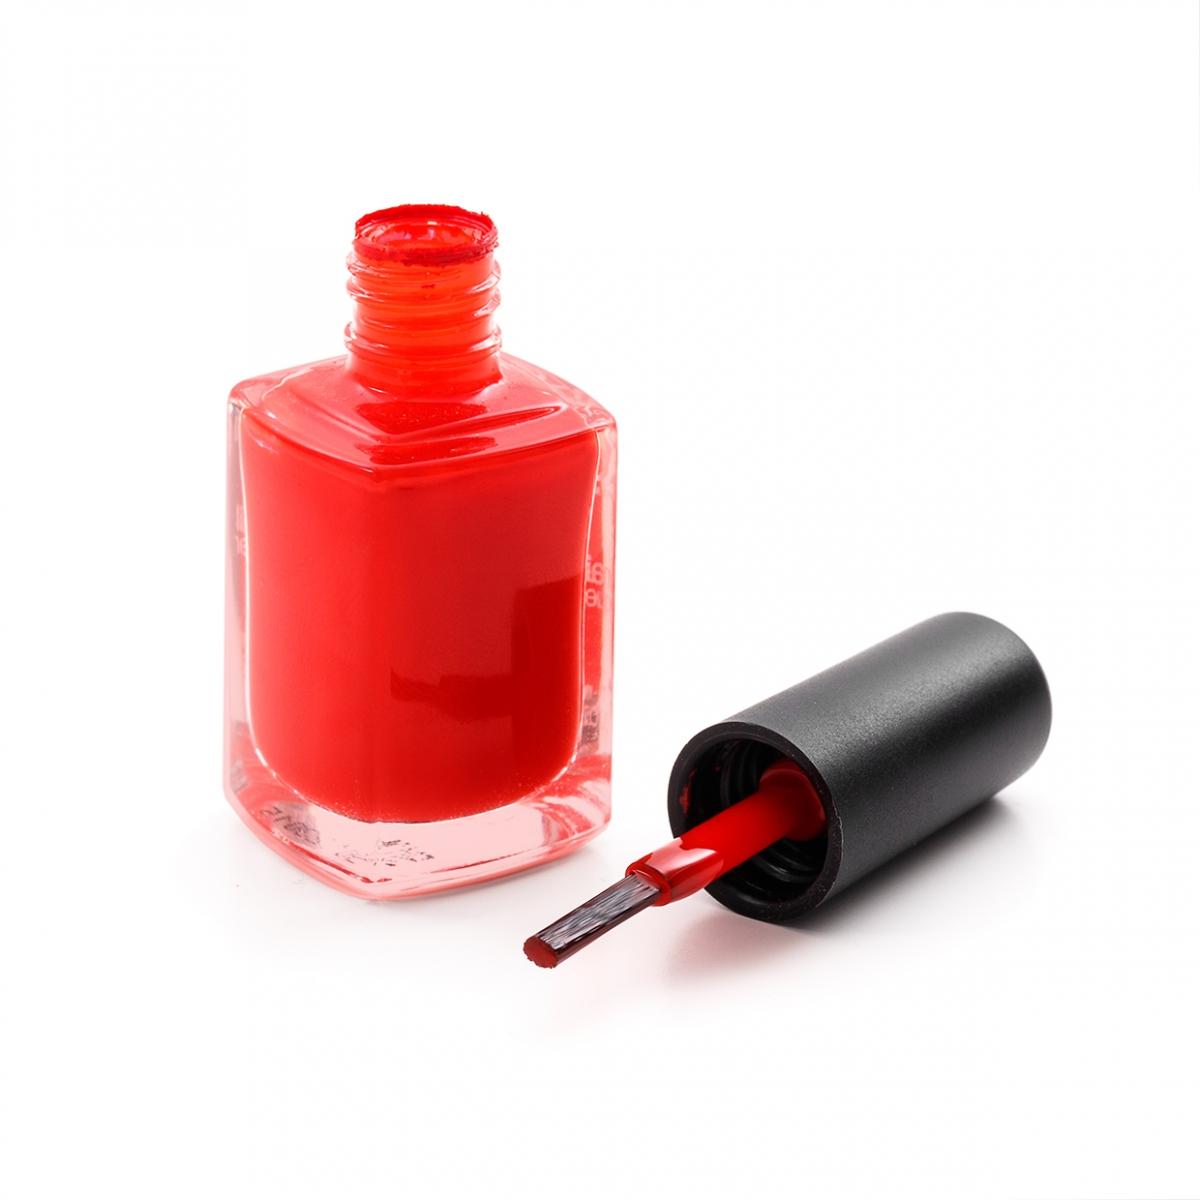 Imagen en la que se ve un frasco de esmalte de uñas de color rojo